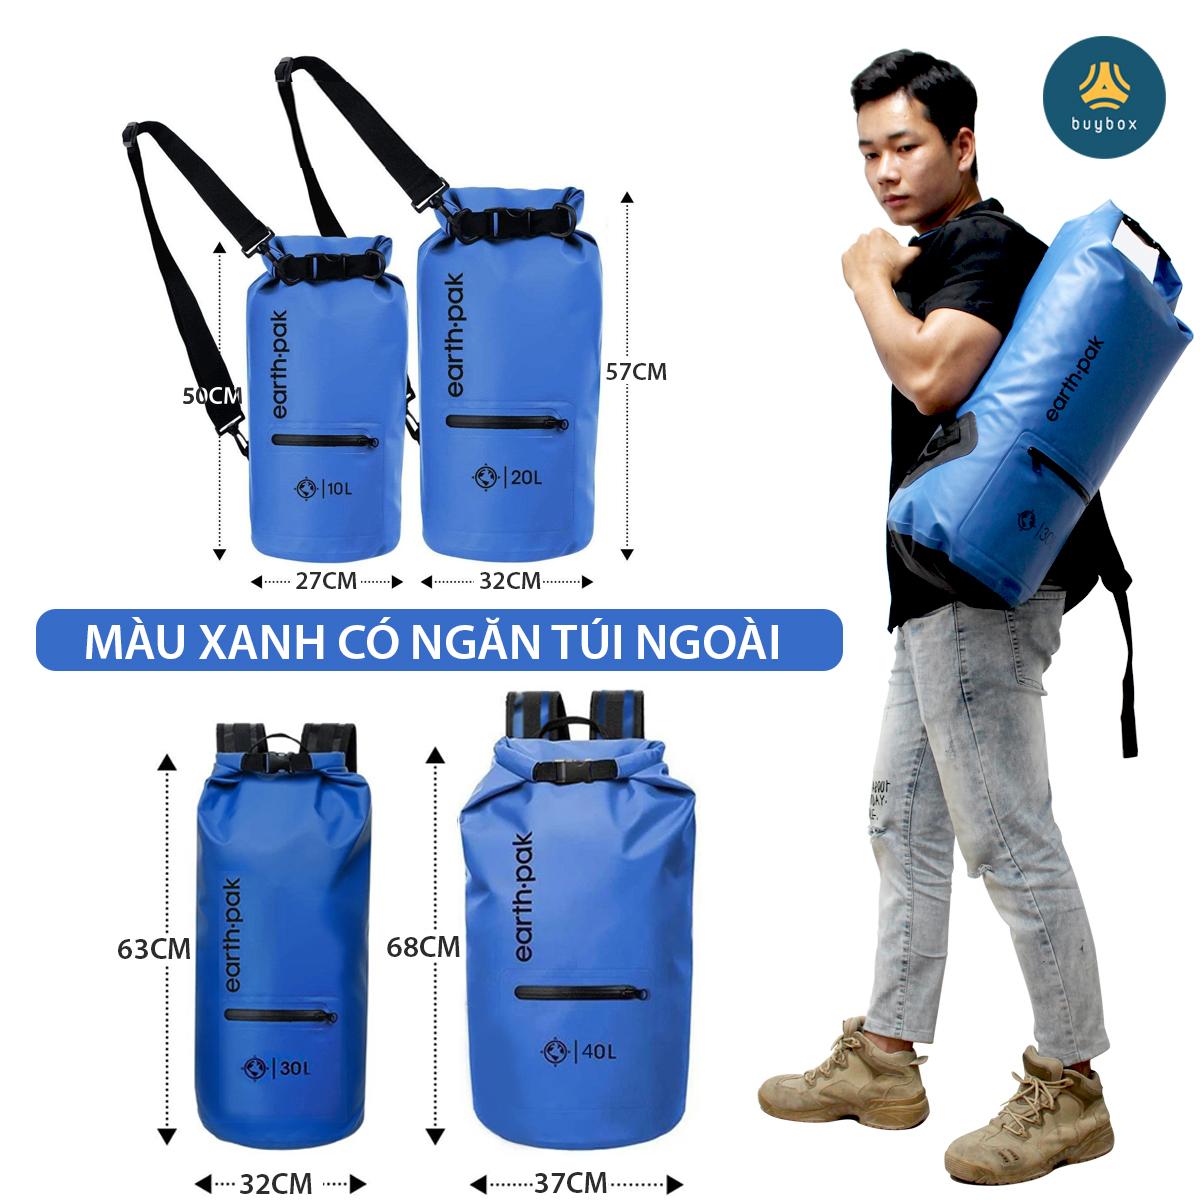 Phân loại Balo chống nước đi phượt chất liệu 500D PVC sản xuất tại Việt Nam - 10L, 20L, 30L, 40L, 55L - buybox - BBPK161 màu xanh có ngăn ngoài